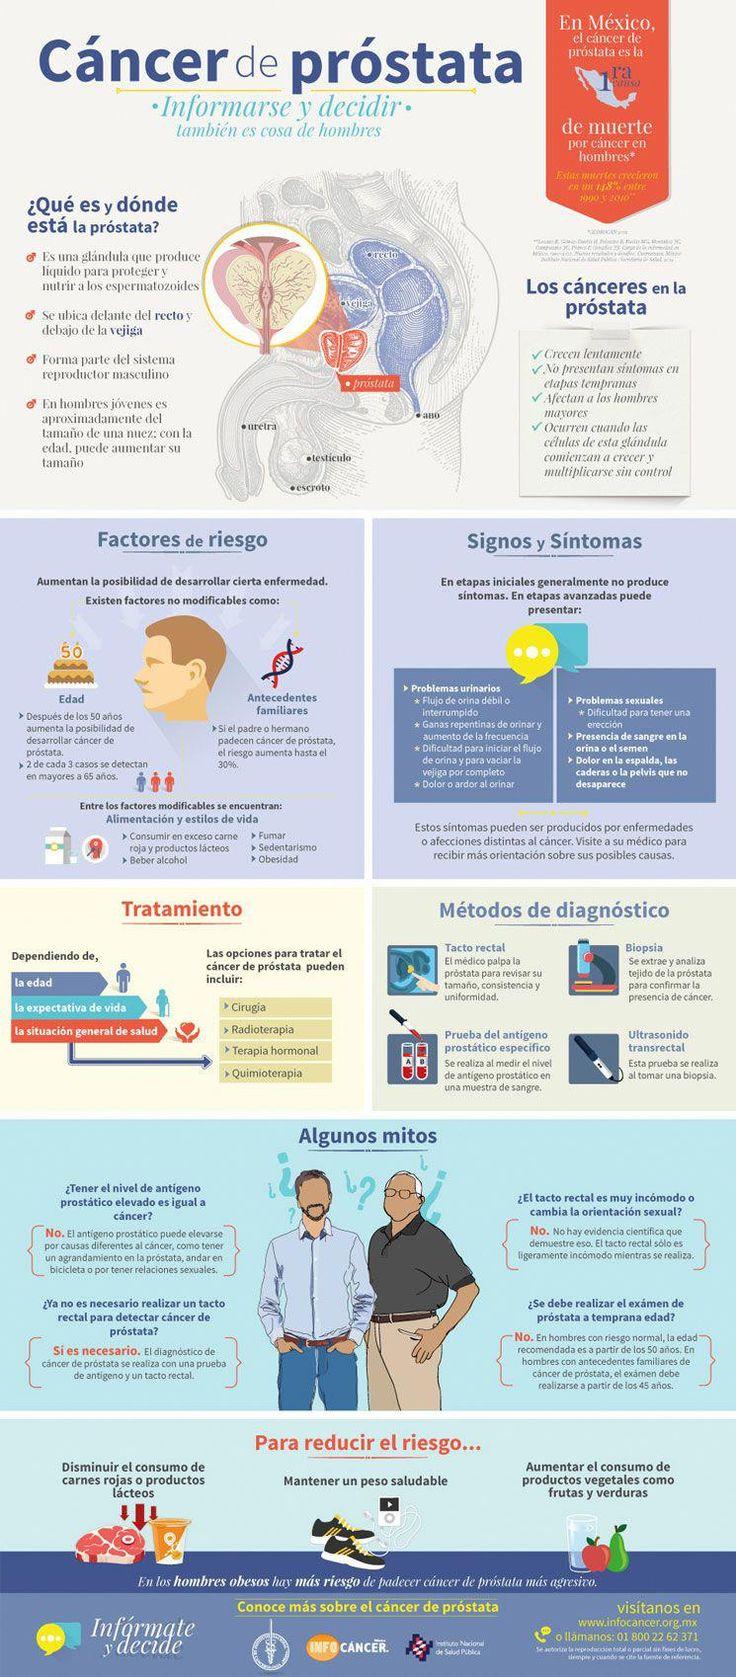 Excelente infografía para entender como tratar y prevenir el Cancer de próstat...